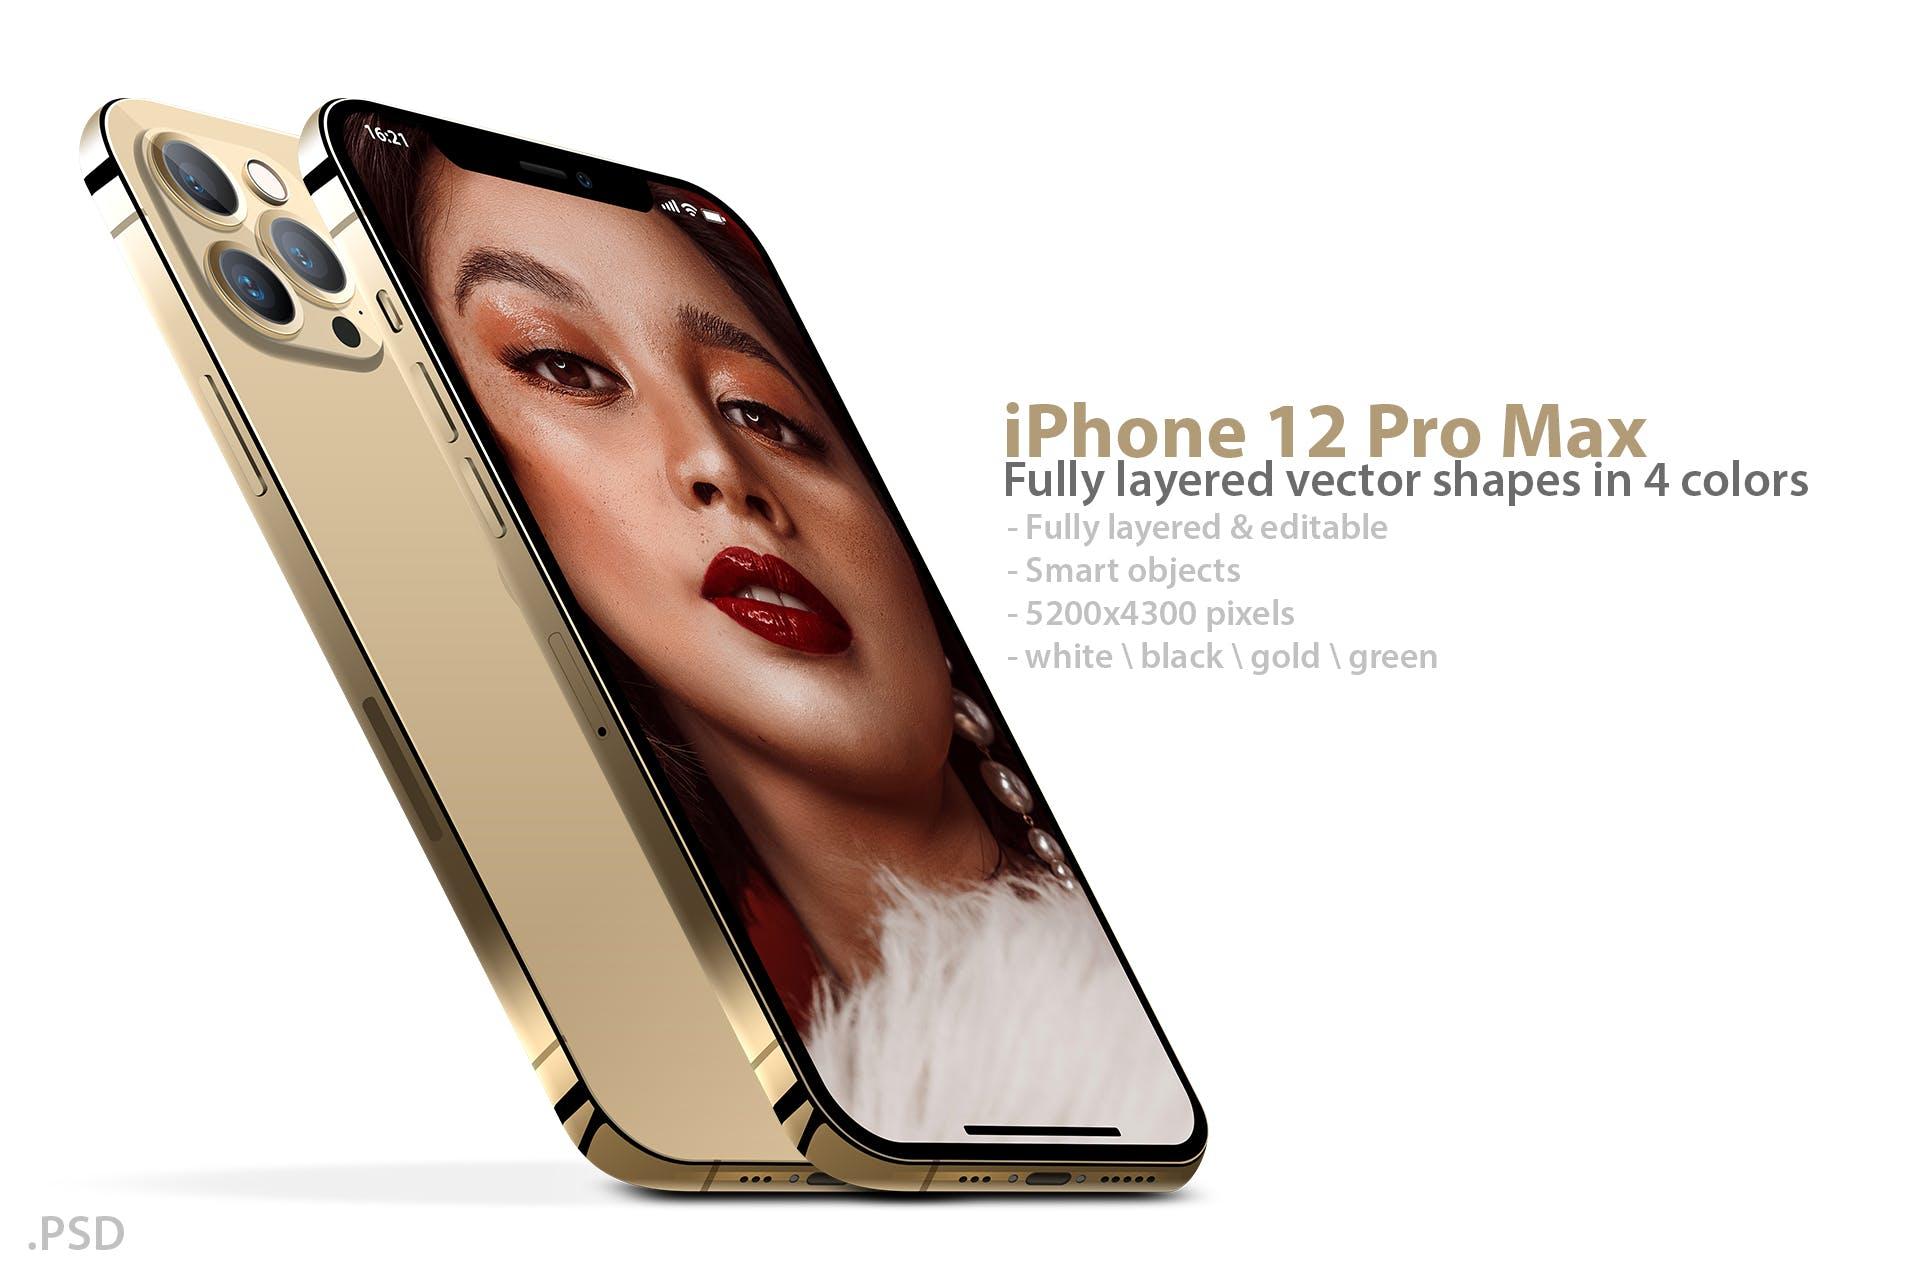 APP应用程序设计苹果手机iPhone 12 Pro屏幕演示PSD样机 iPhone 12 Pro Layered PSD Mockups插图